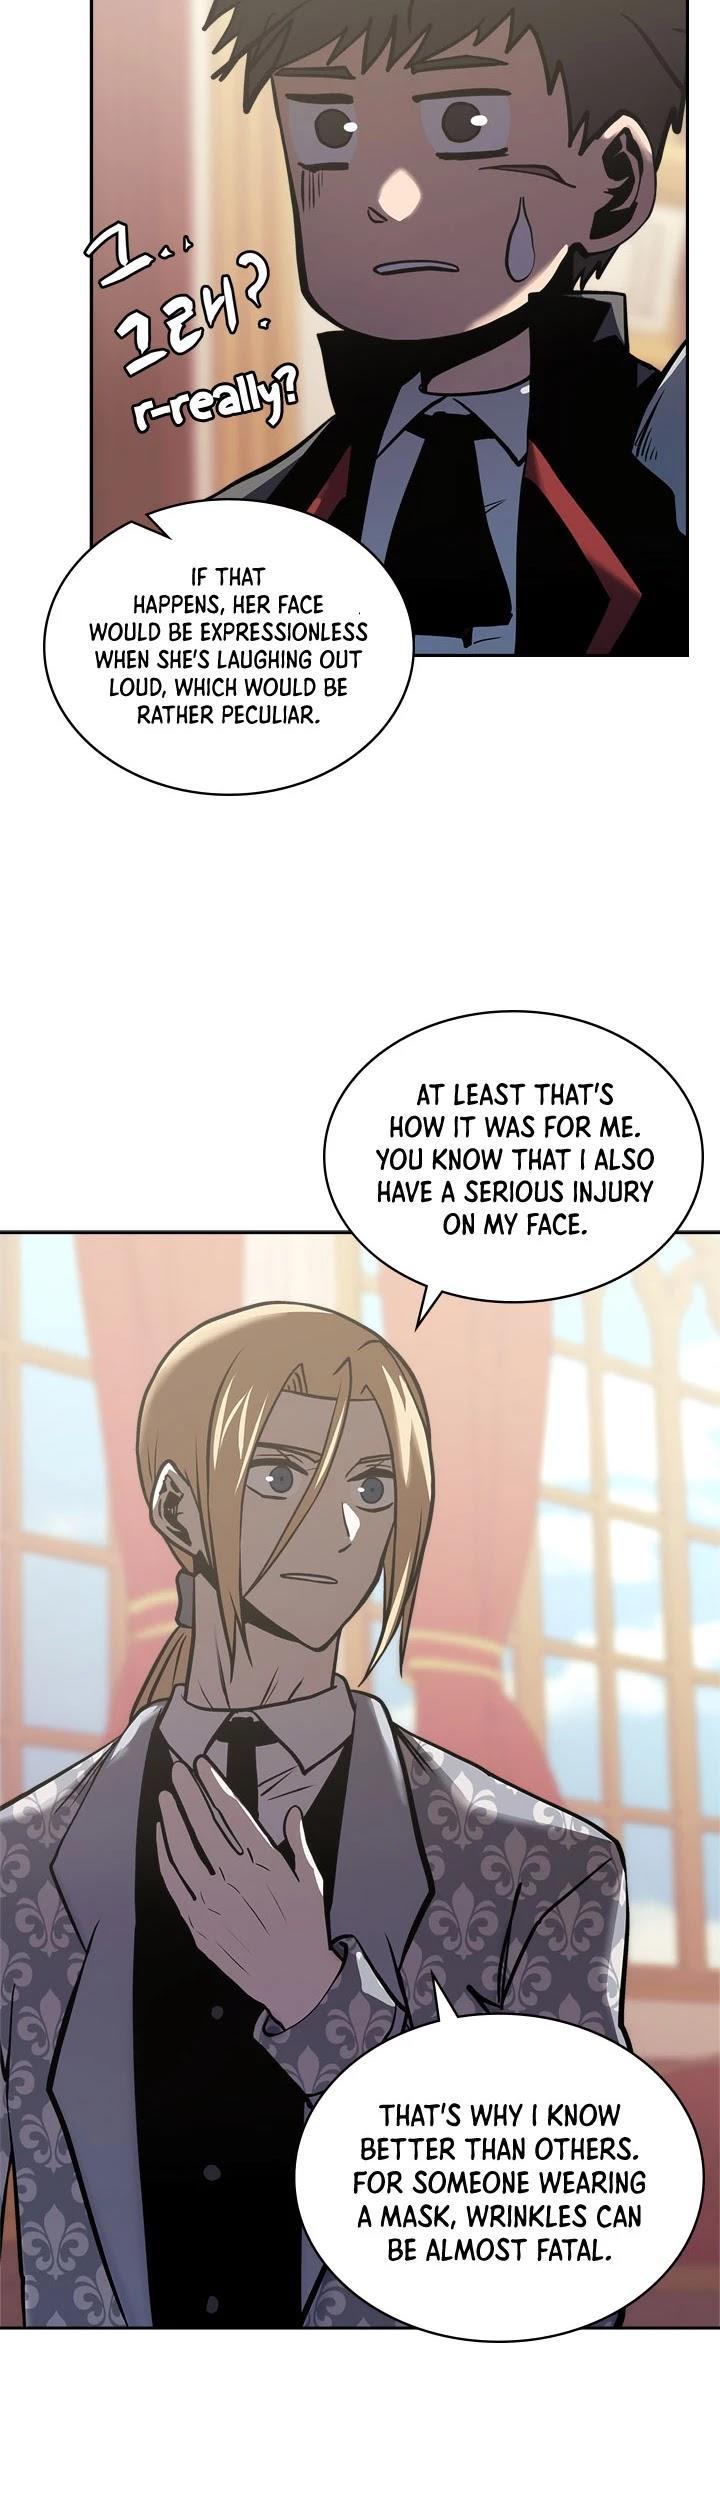 Other World Warrior Chapter 170: Season 4 Ch 58 page 7 - Mangakakalot